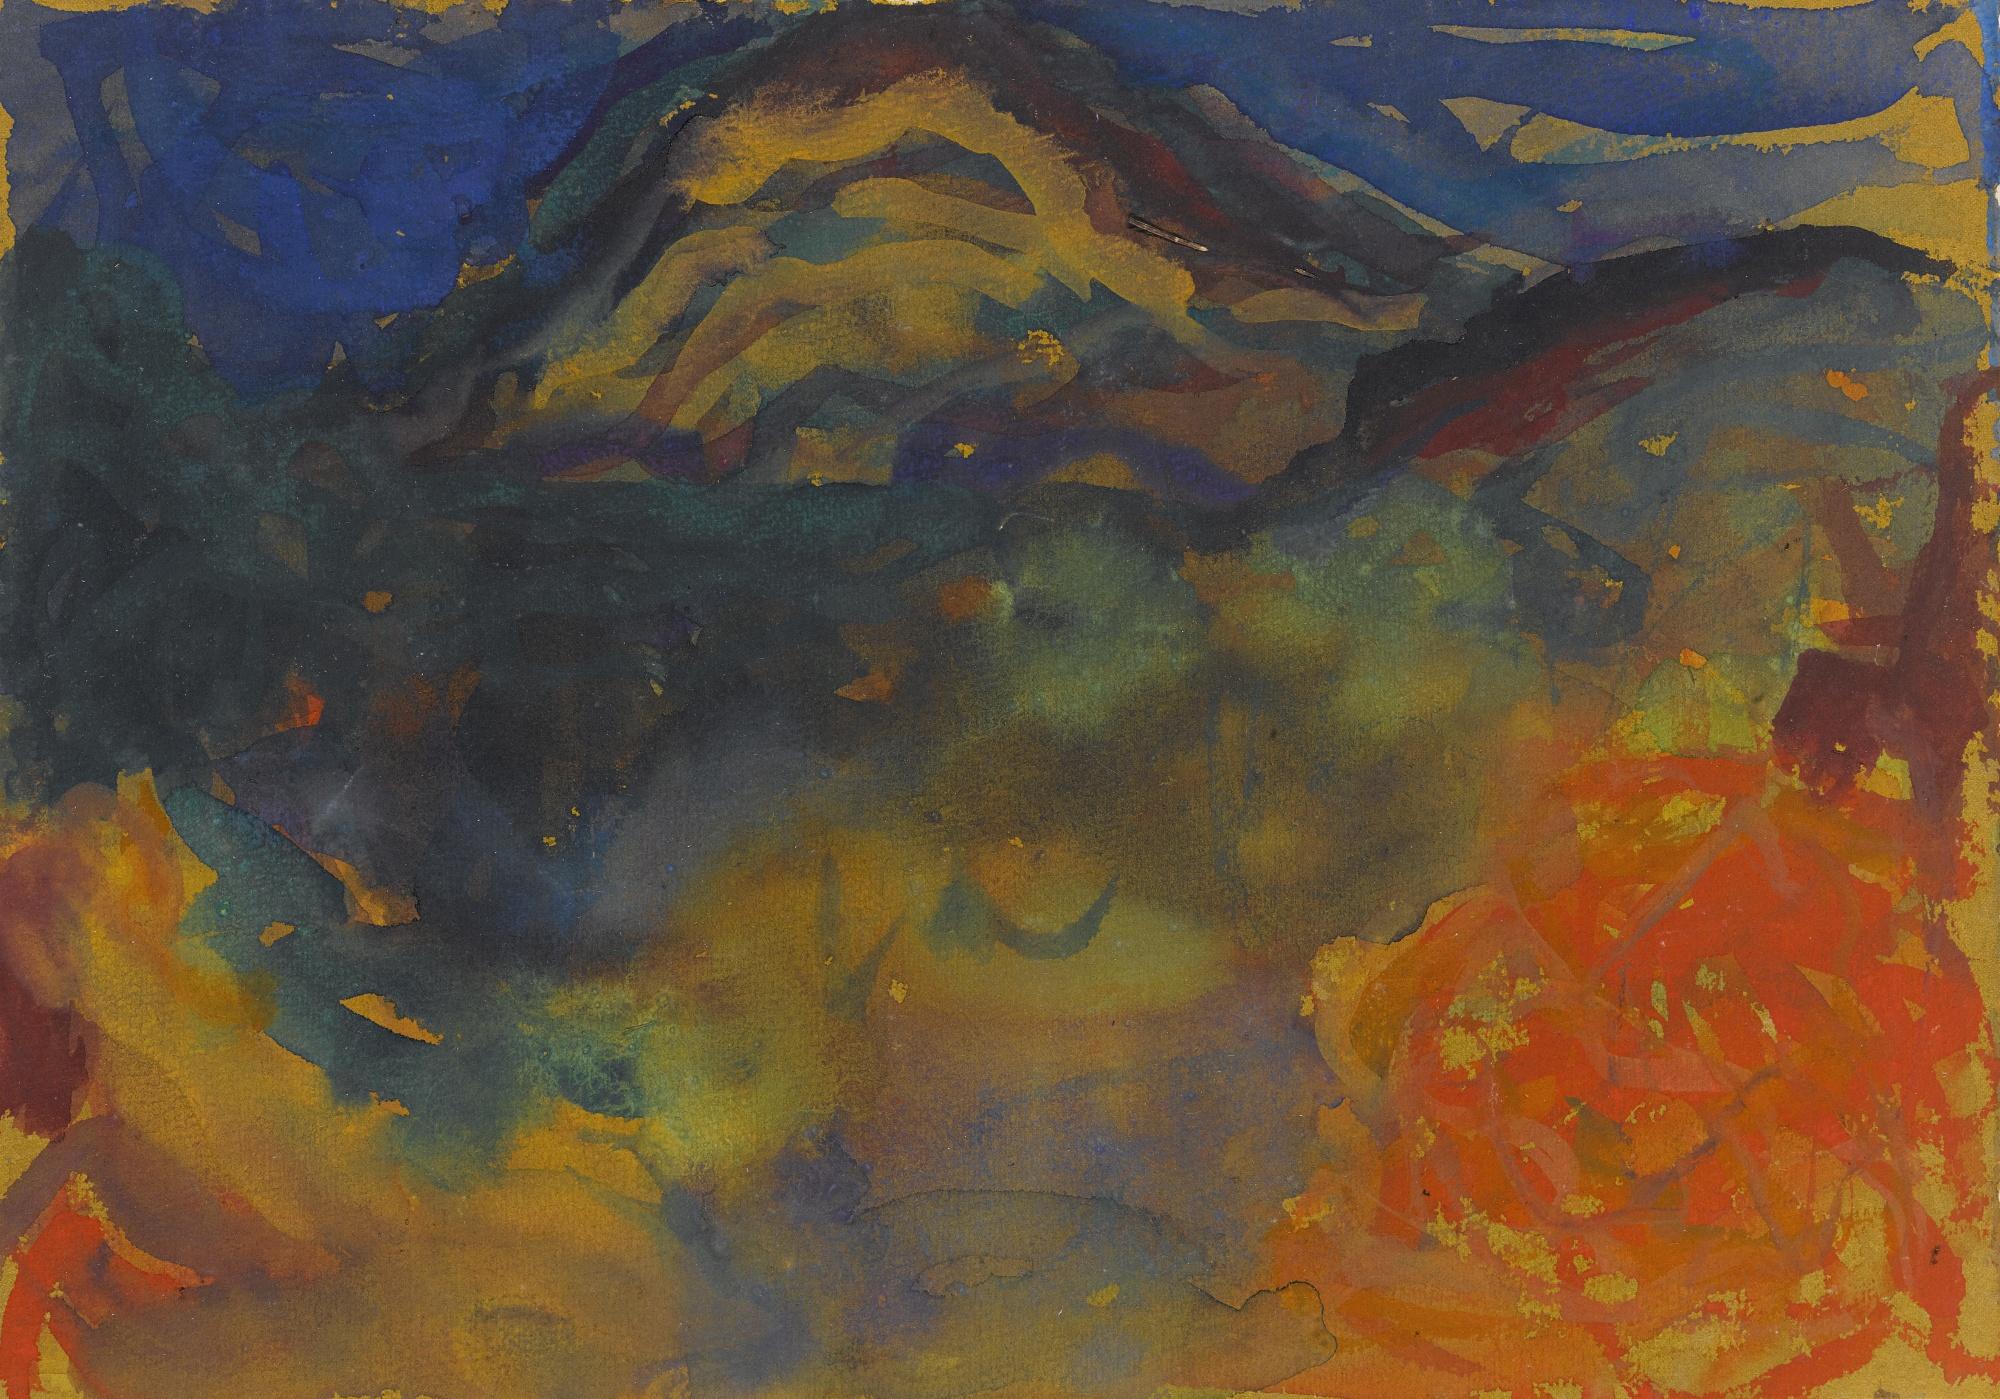 Jan Muller-P-14 Carcassonne Mt. Number 19-1953